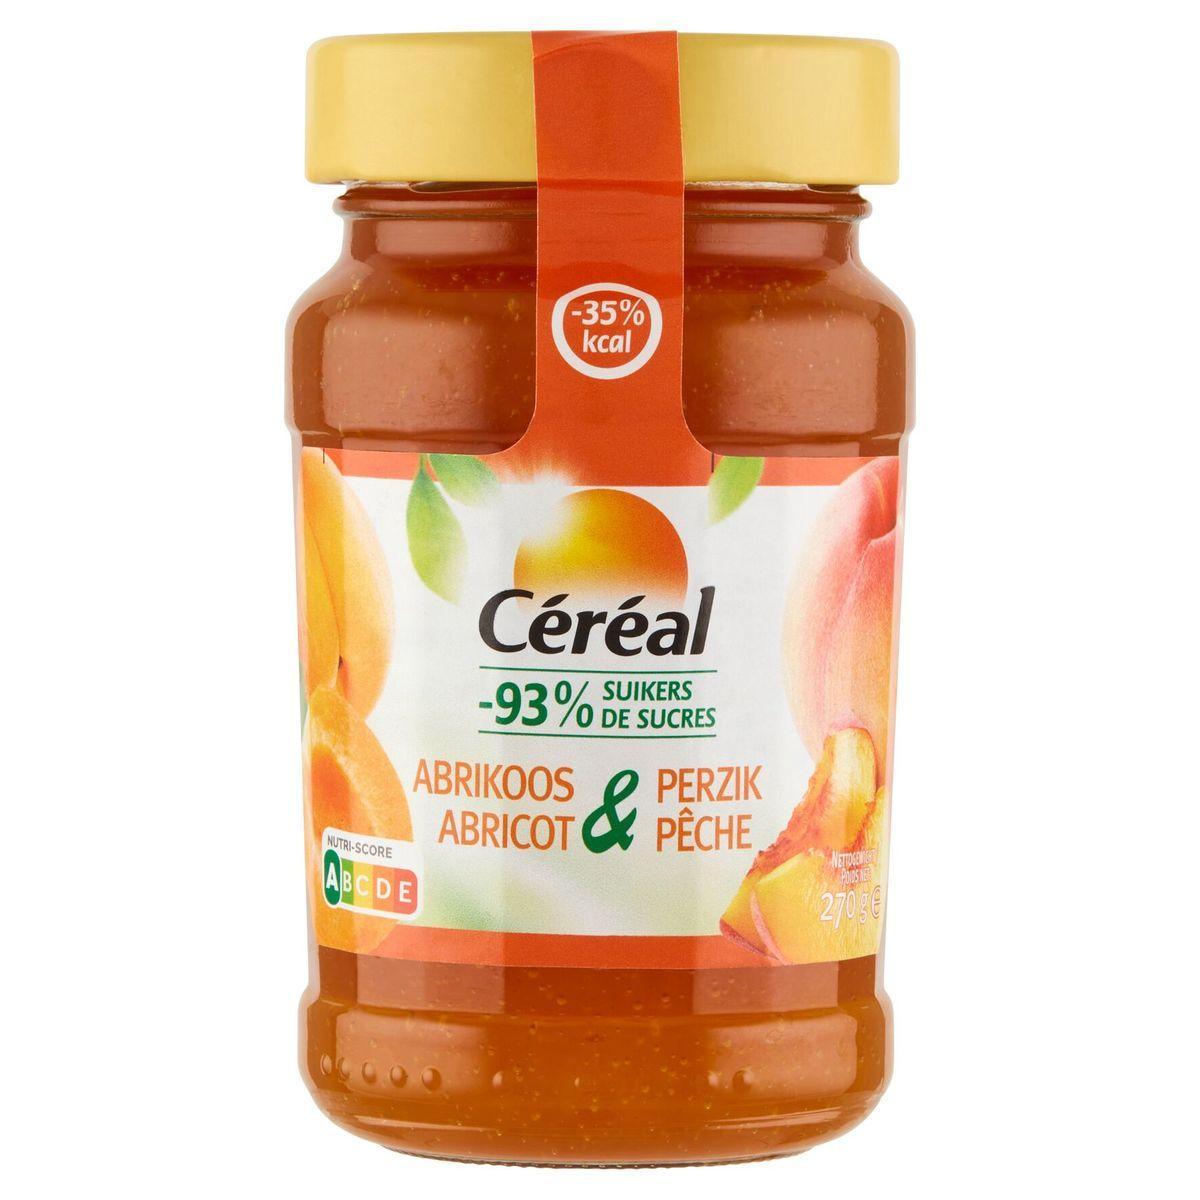 Céréal Abrikoos & Perzik 270 g